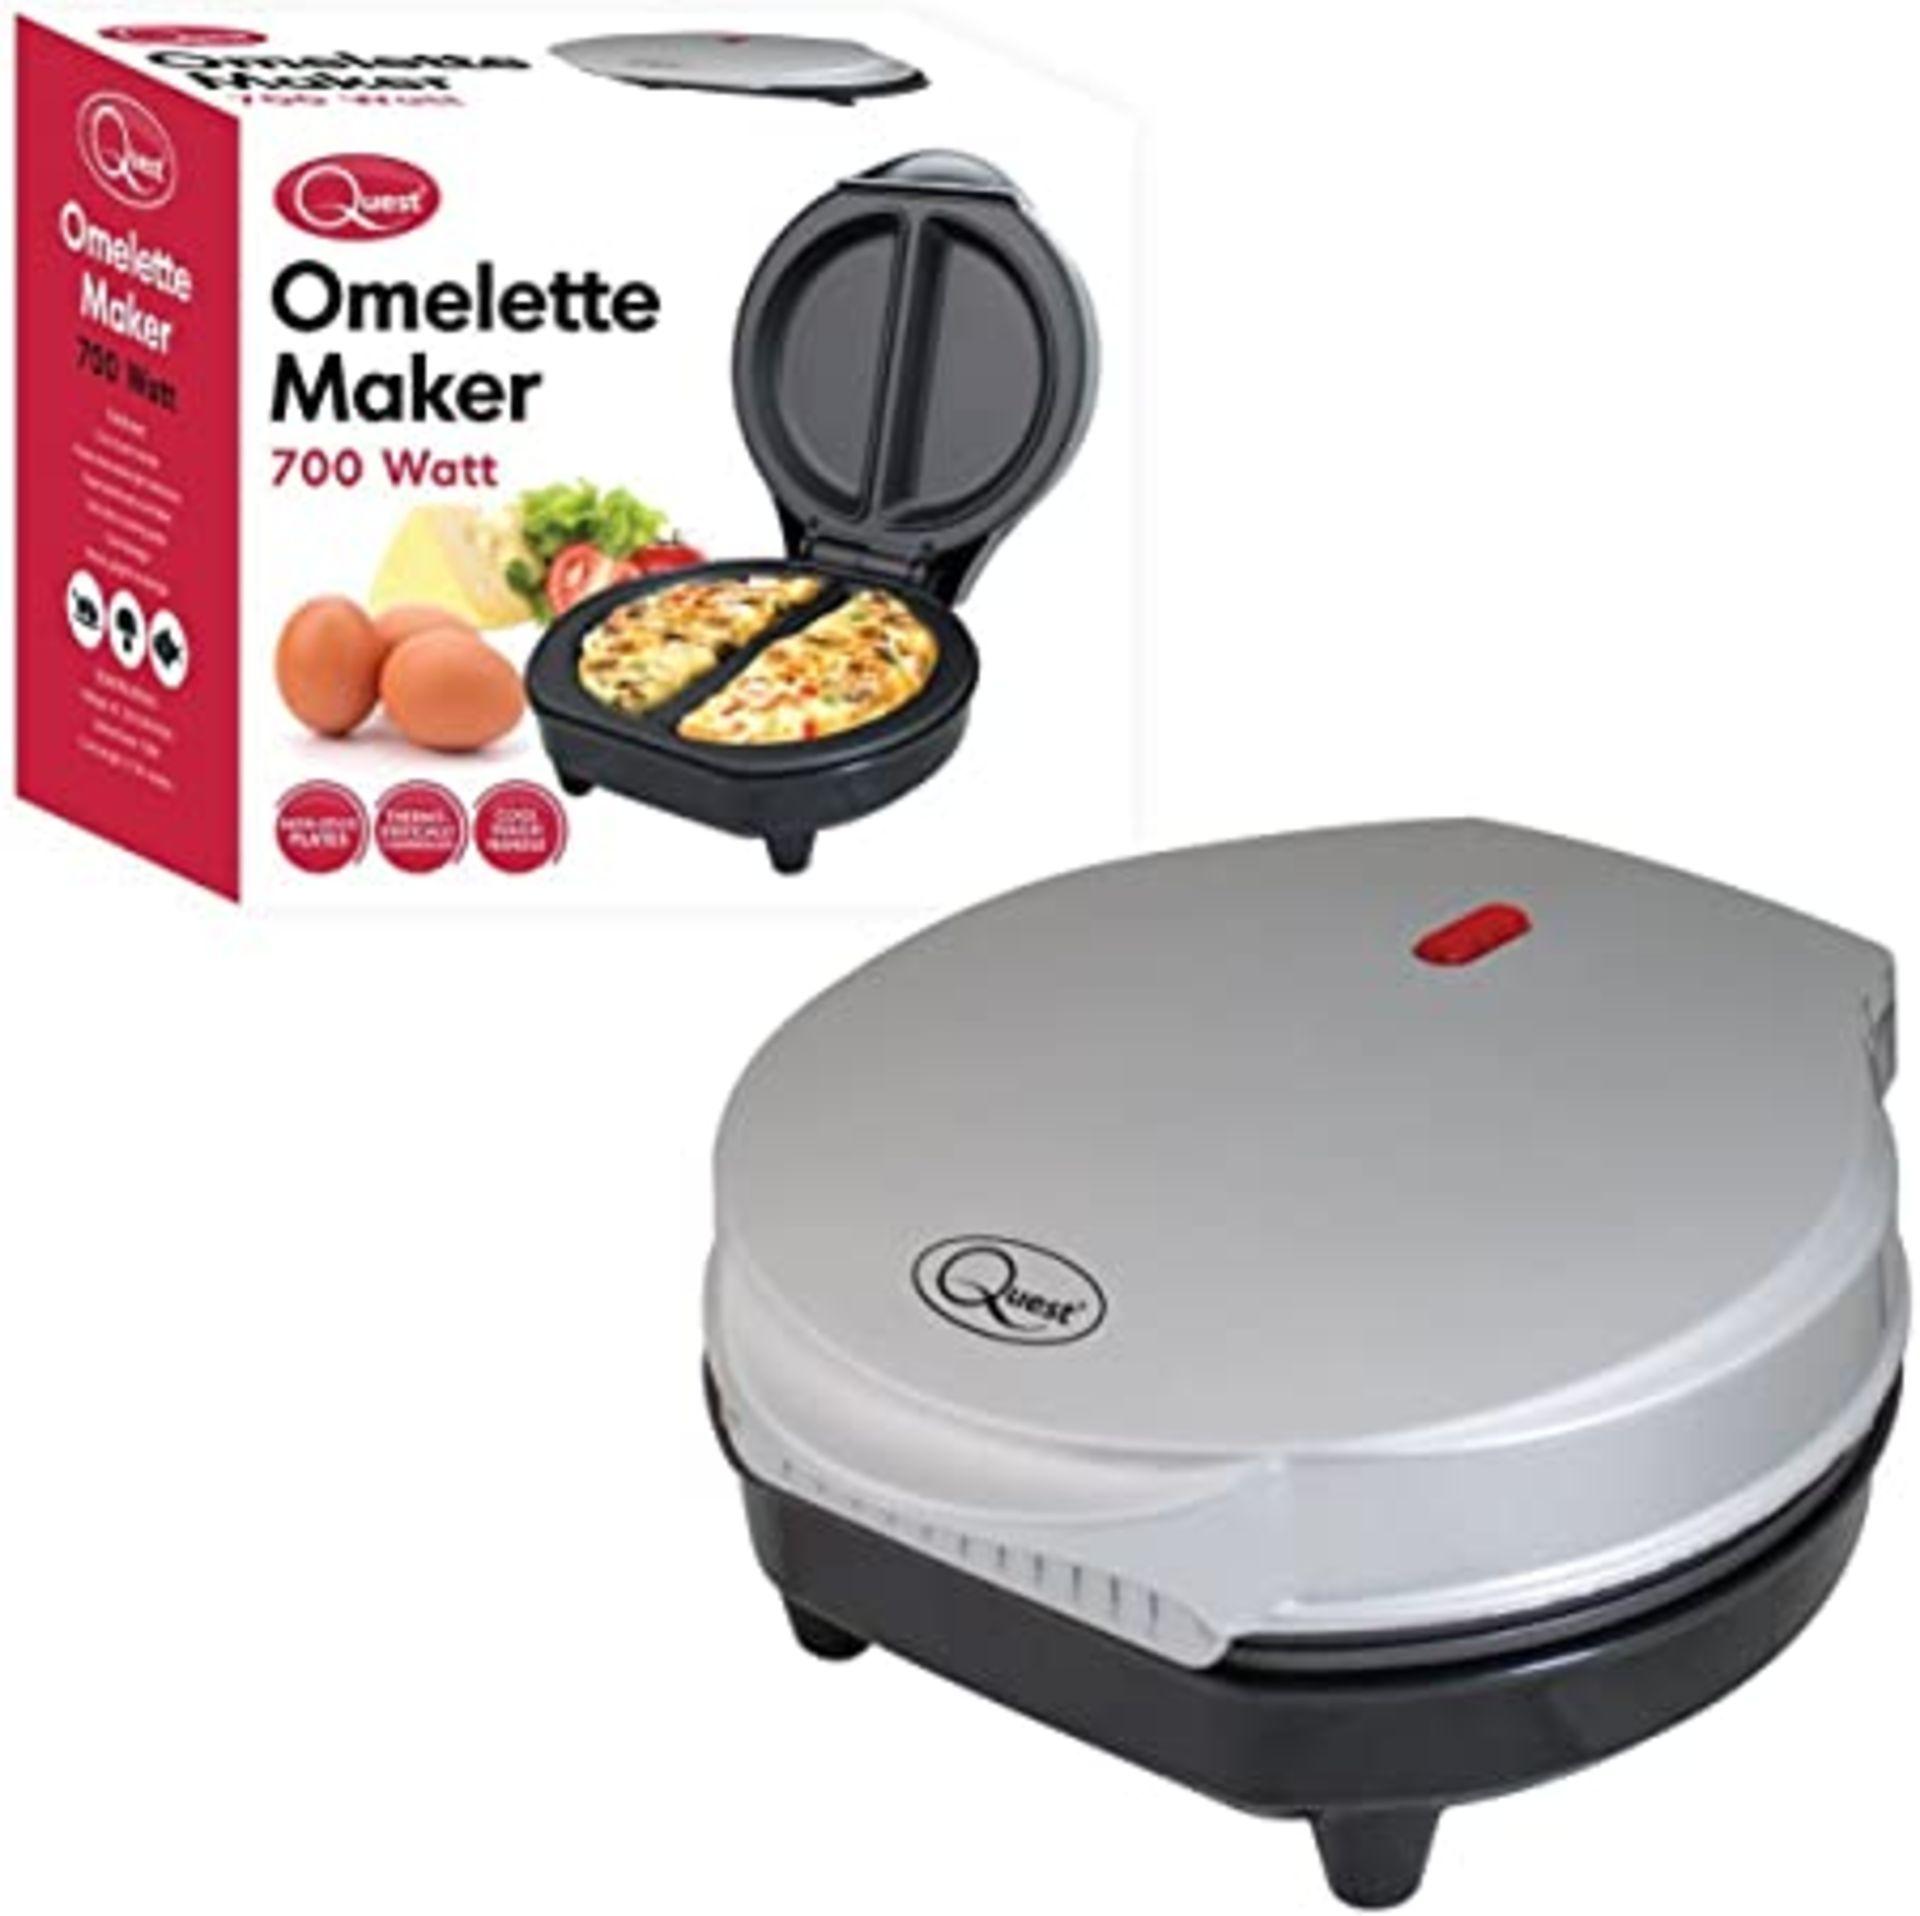 Brand New Quest Omelette Maker 700 Watt Rrp ¬ £29.99